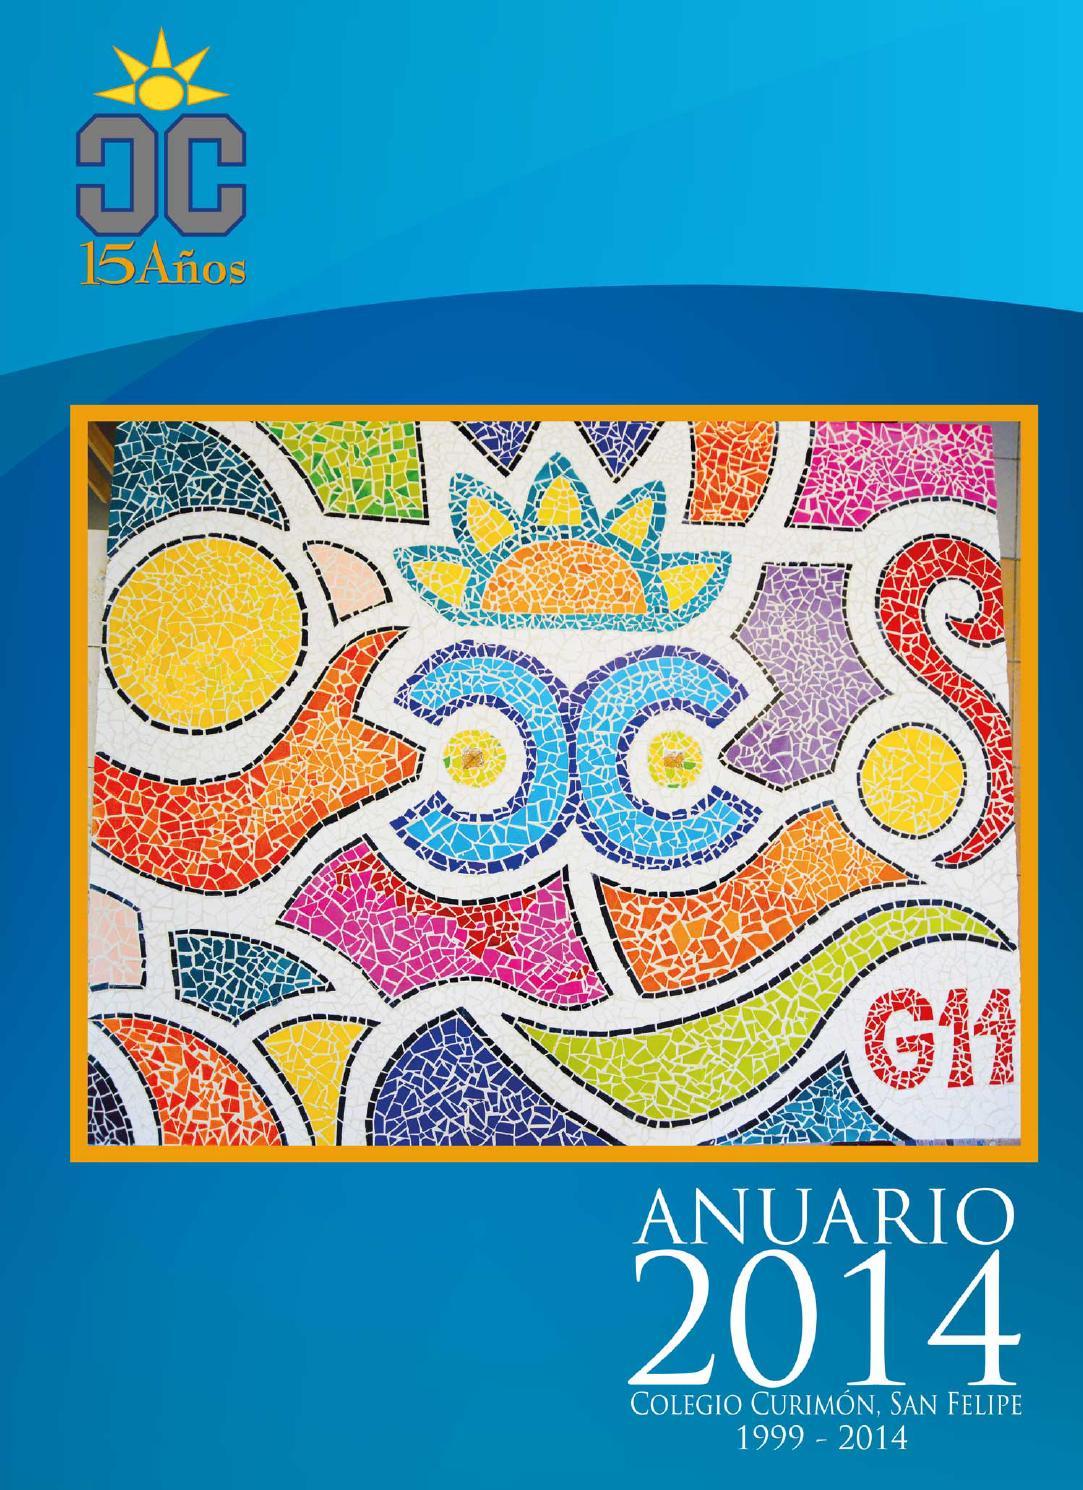 Anuario Colegio Curimón 2014 by SBS Publicidad - issuu